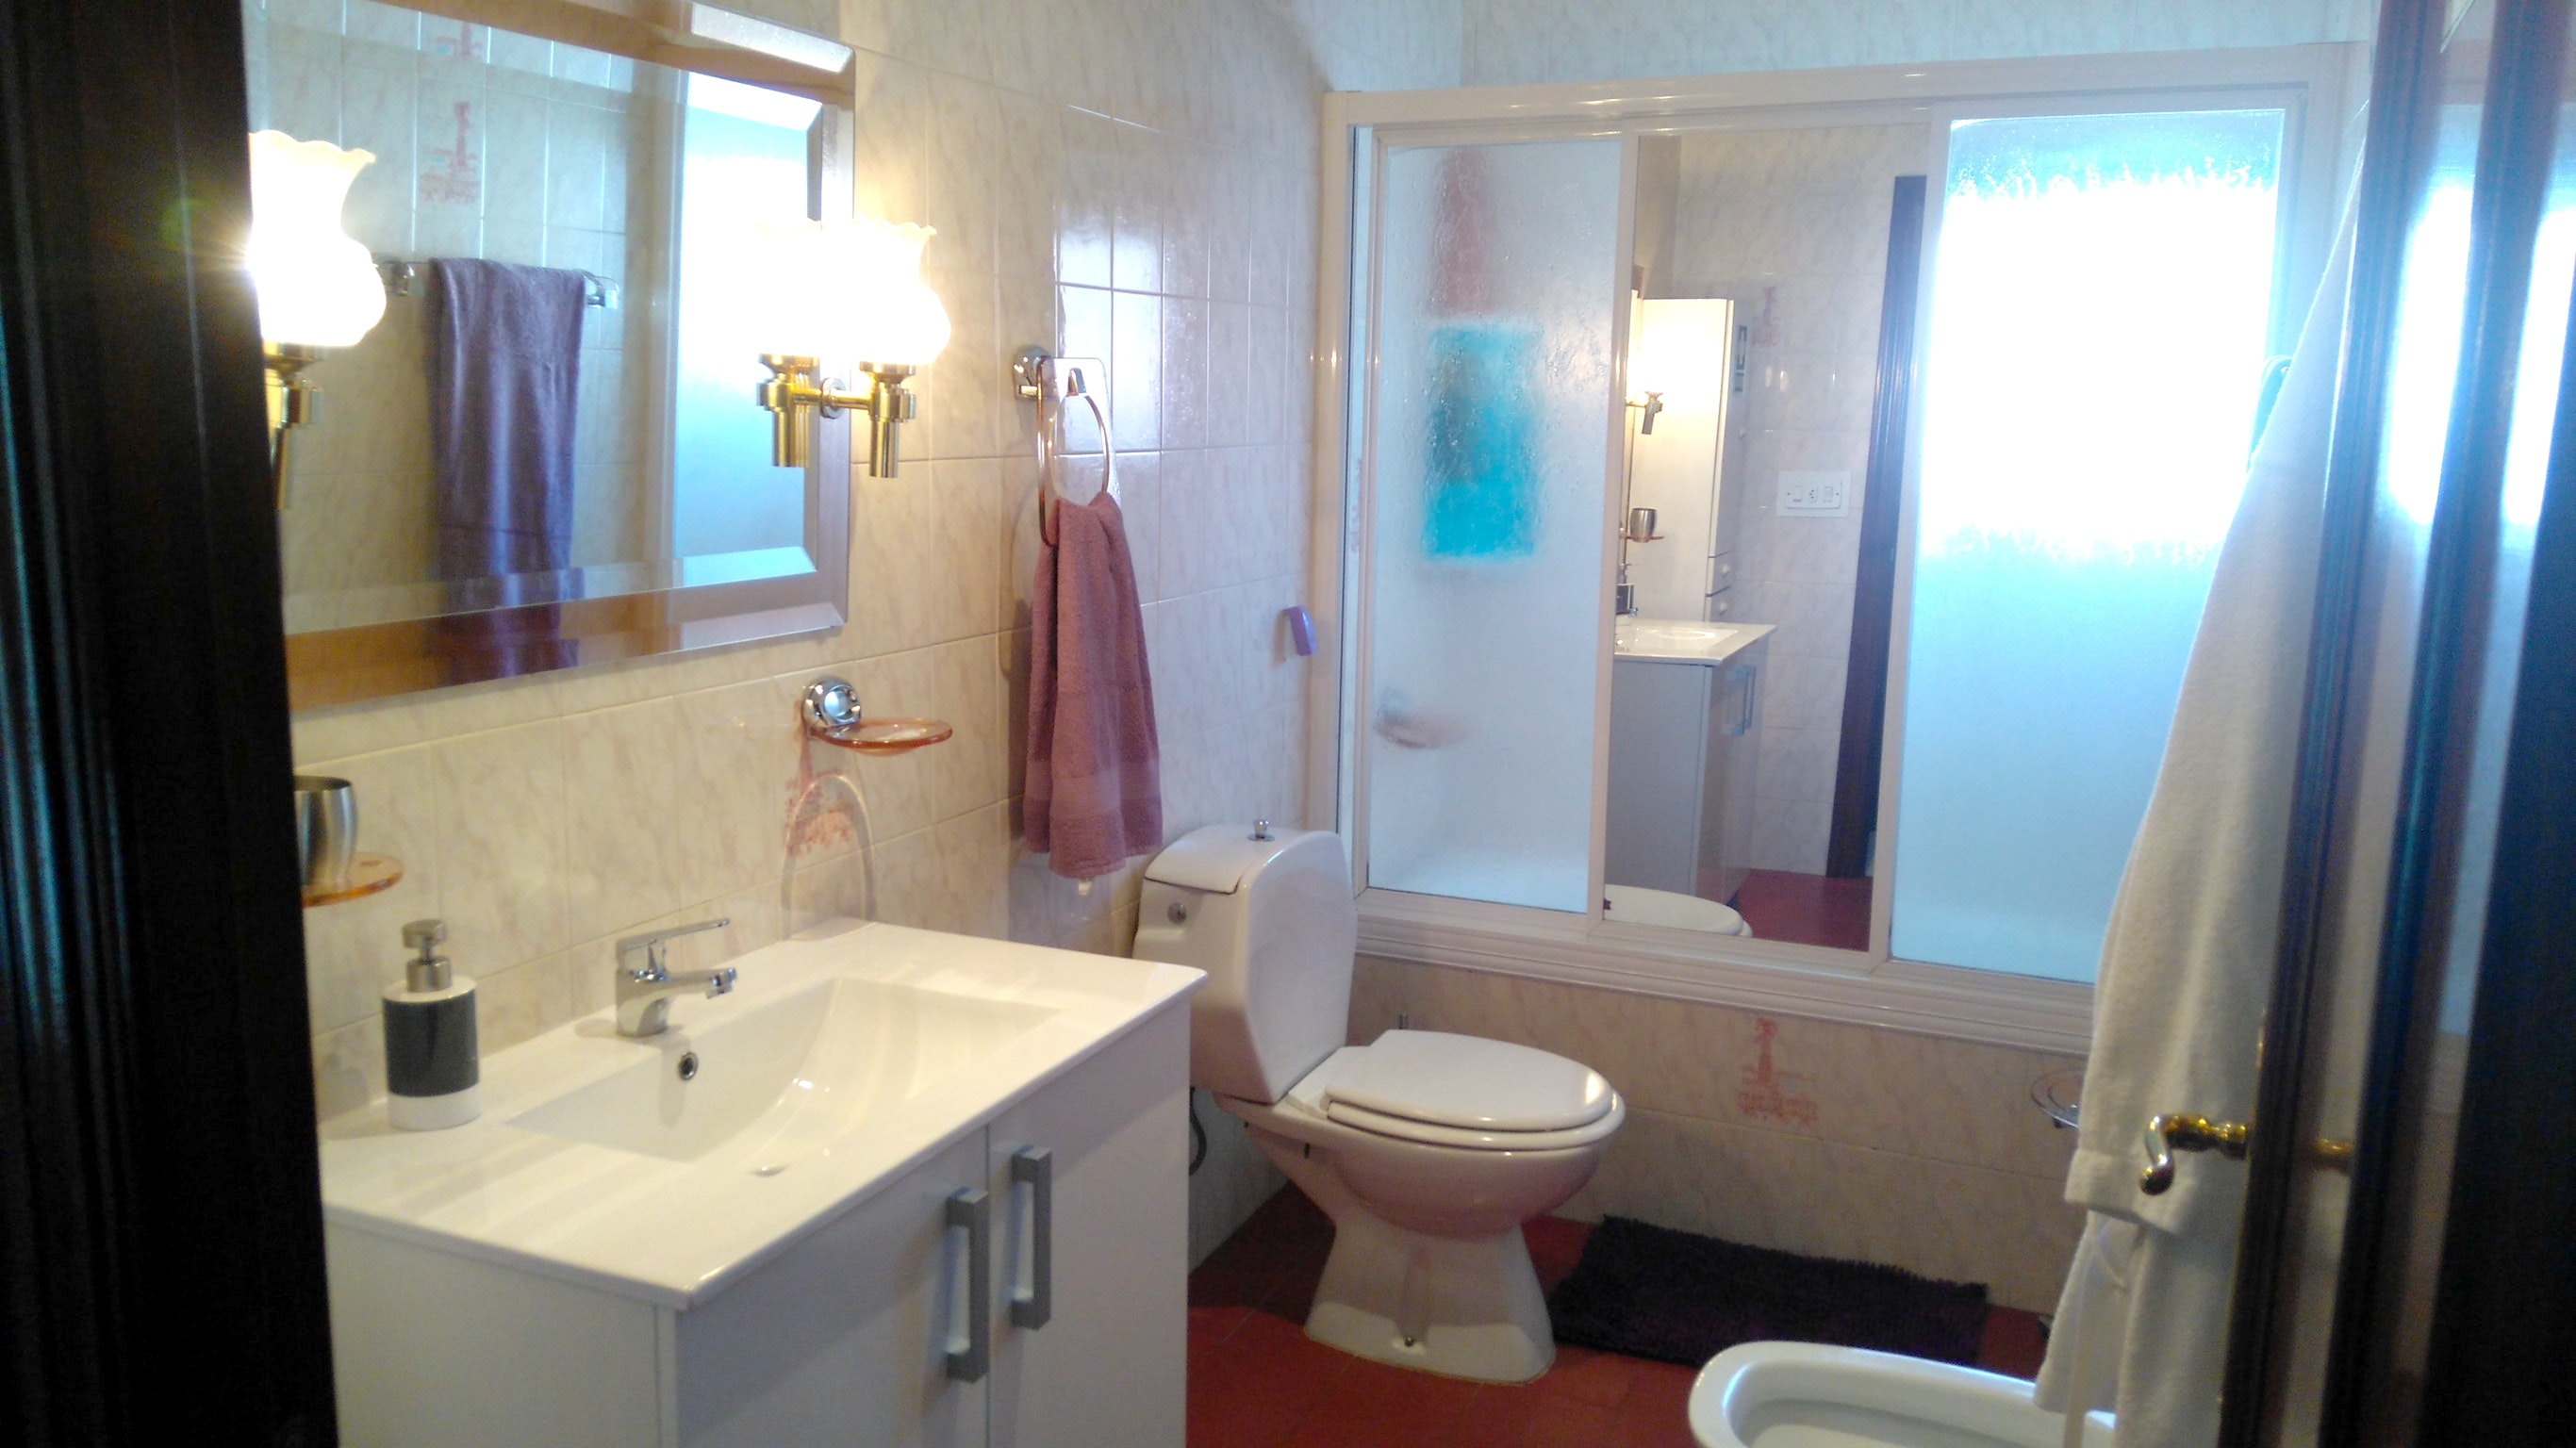 Ferienhaus Haus mit 2 Schlafzimmern in Chatún mit privatem Pool, eingezäuntem Garten und W-LAN (2201405), Chatun, Segovia, Kastilien-León, Spanien, Bild 14